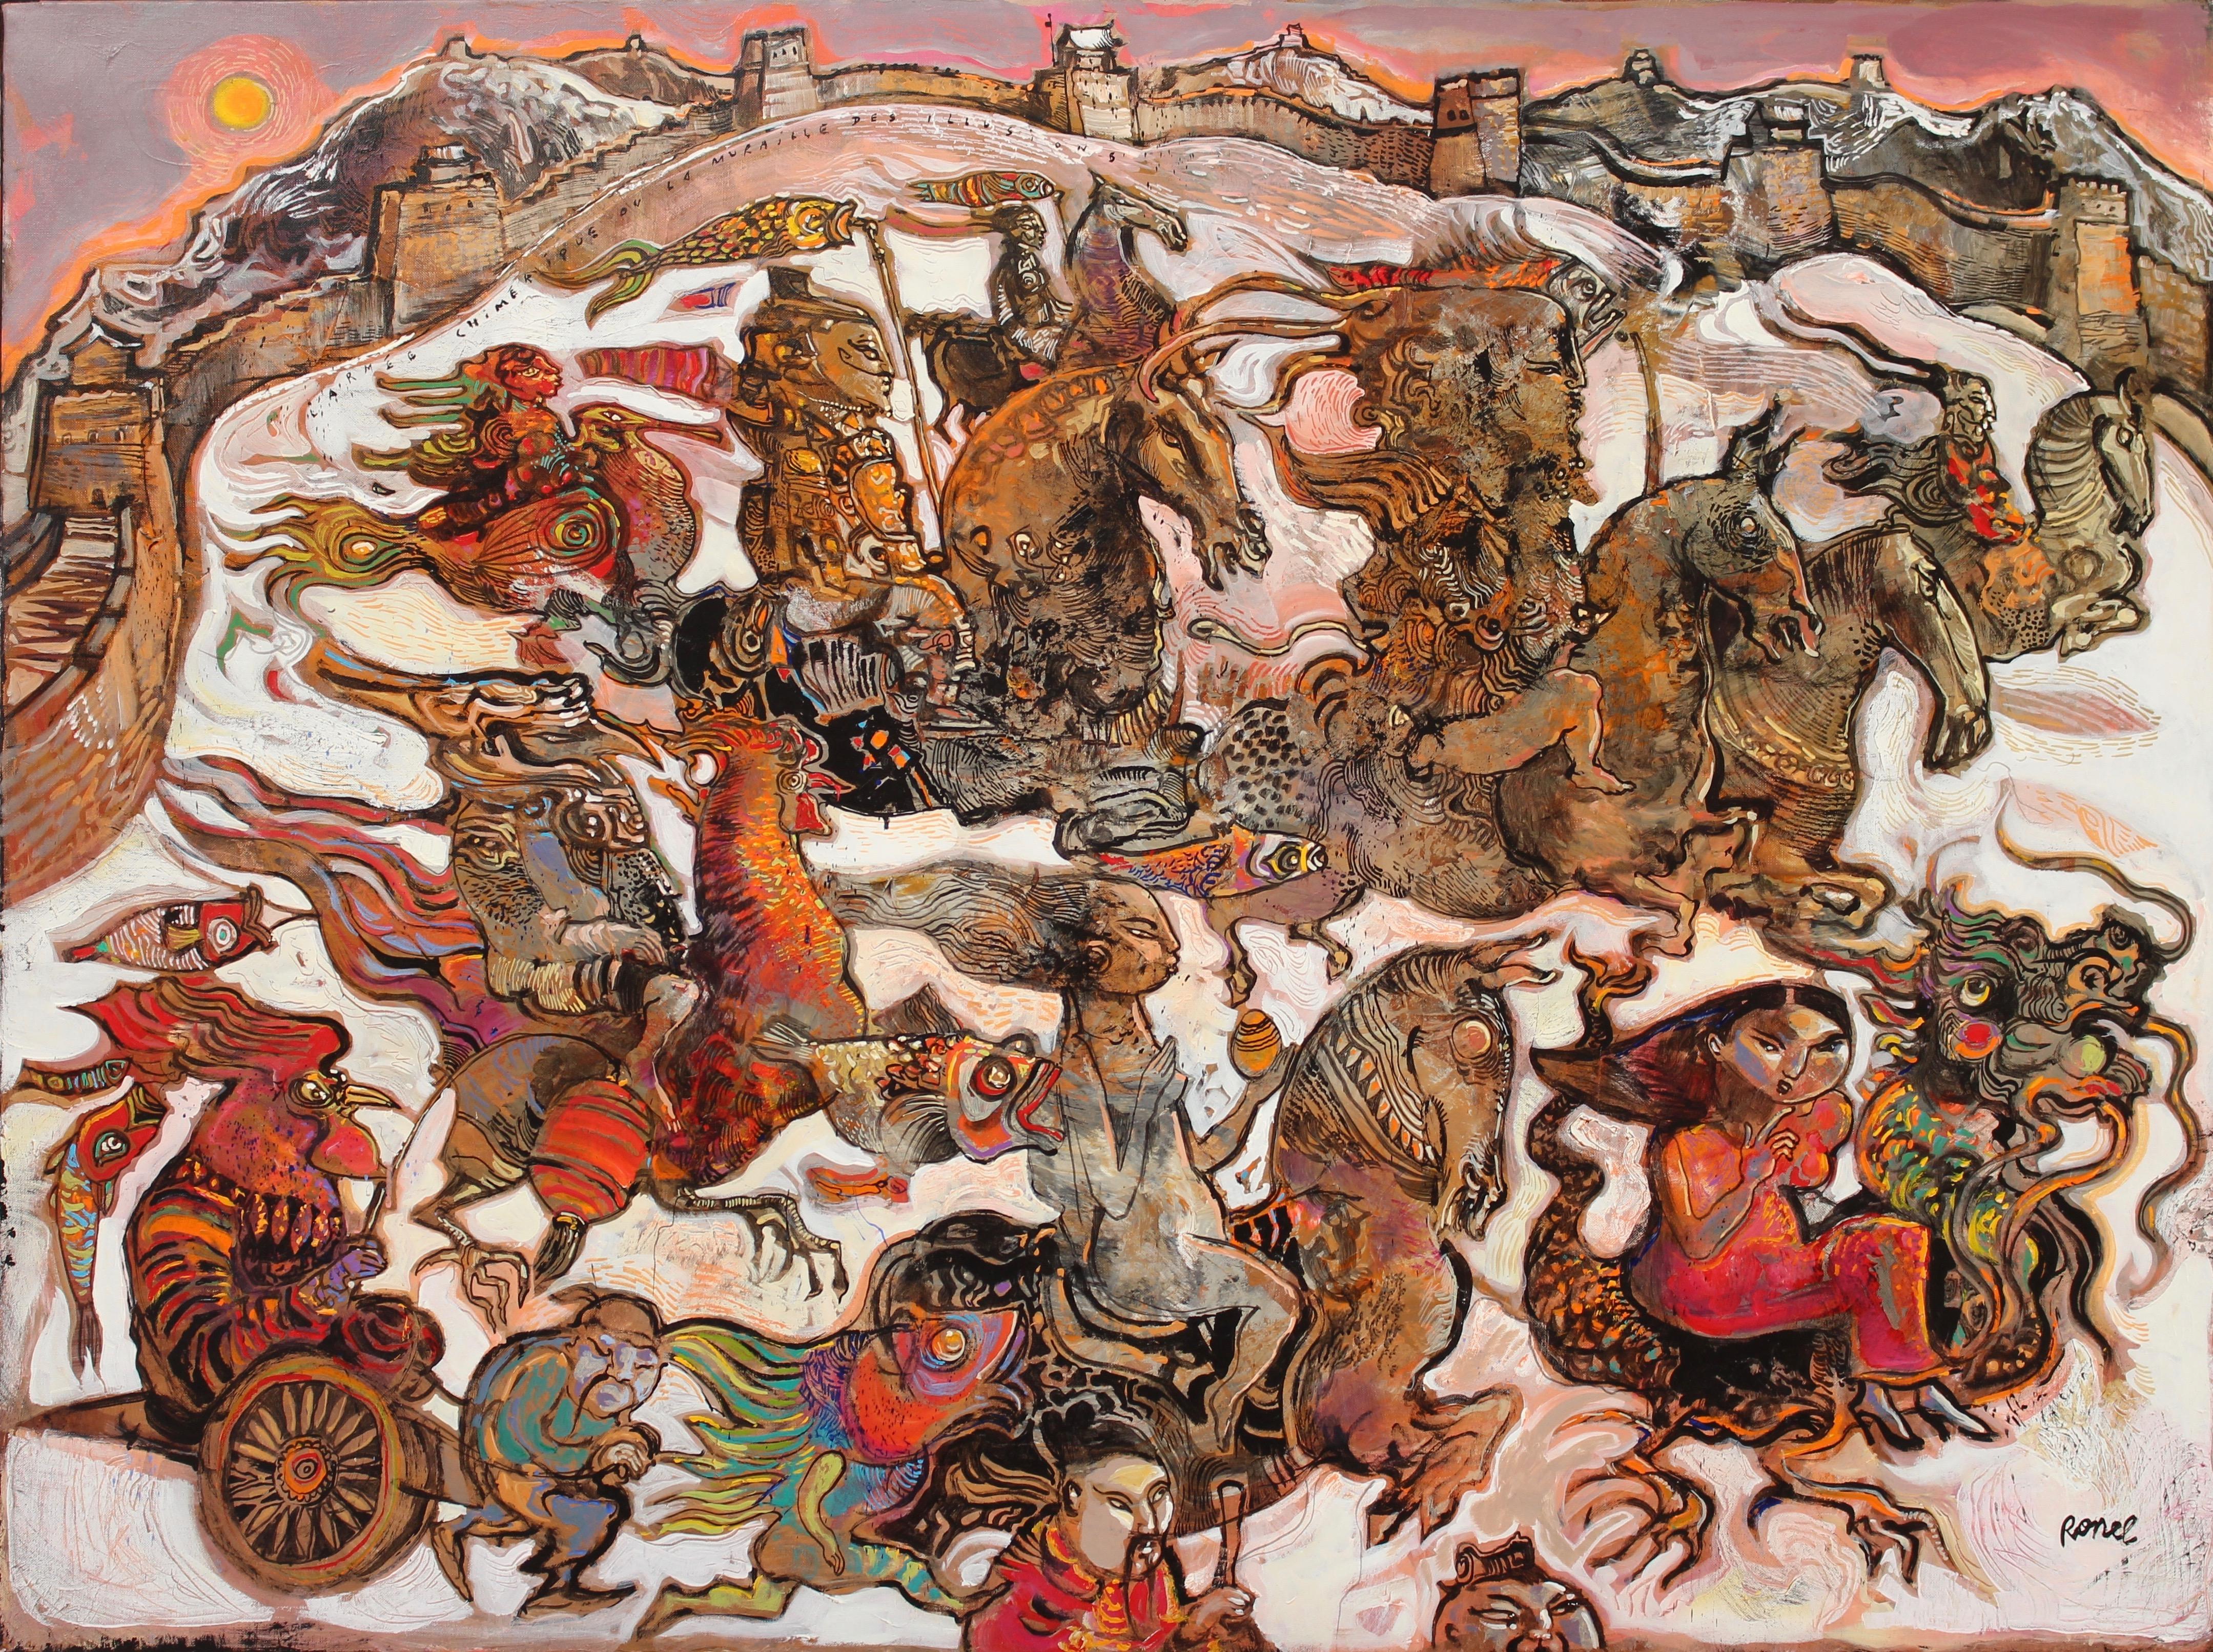 L'armée chimérique ou la muraille des illusions, 97 x 130 cm